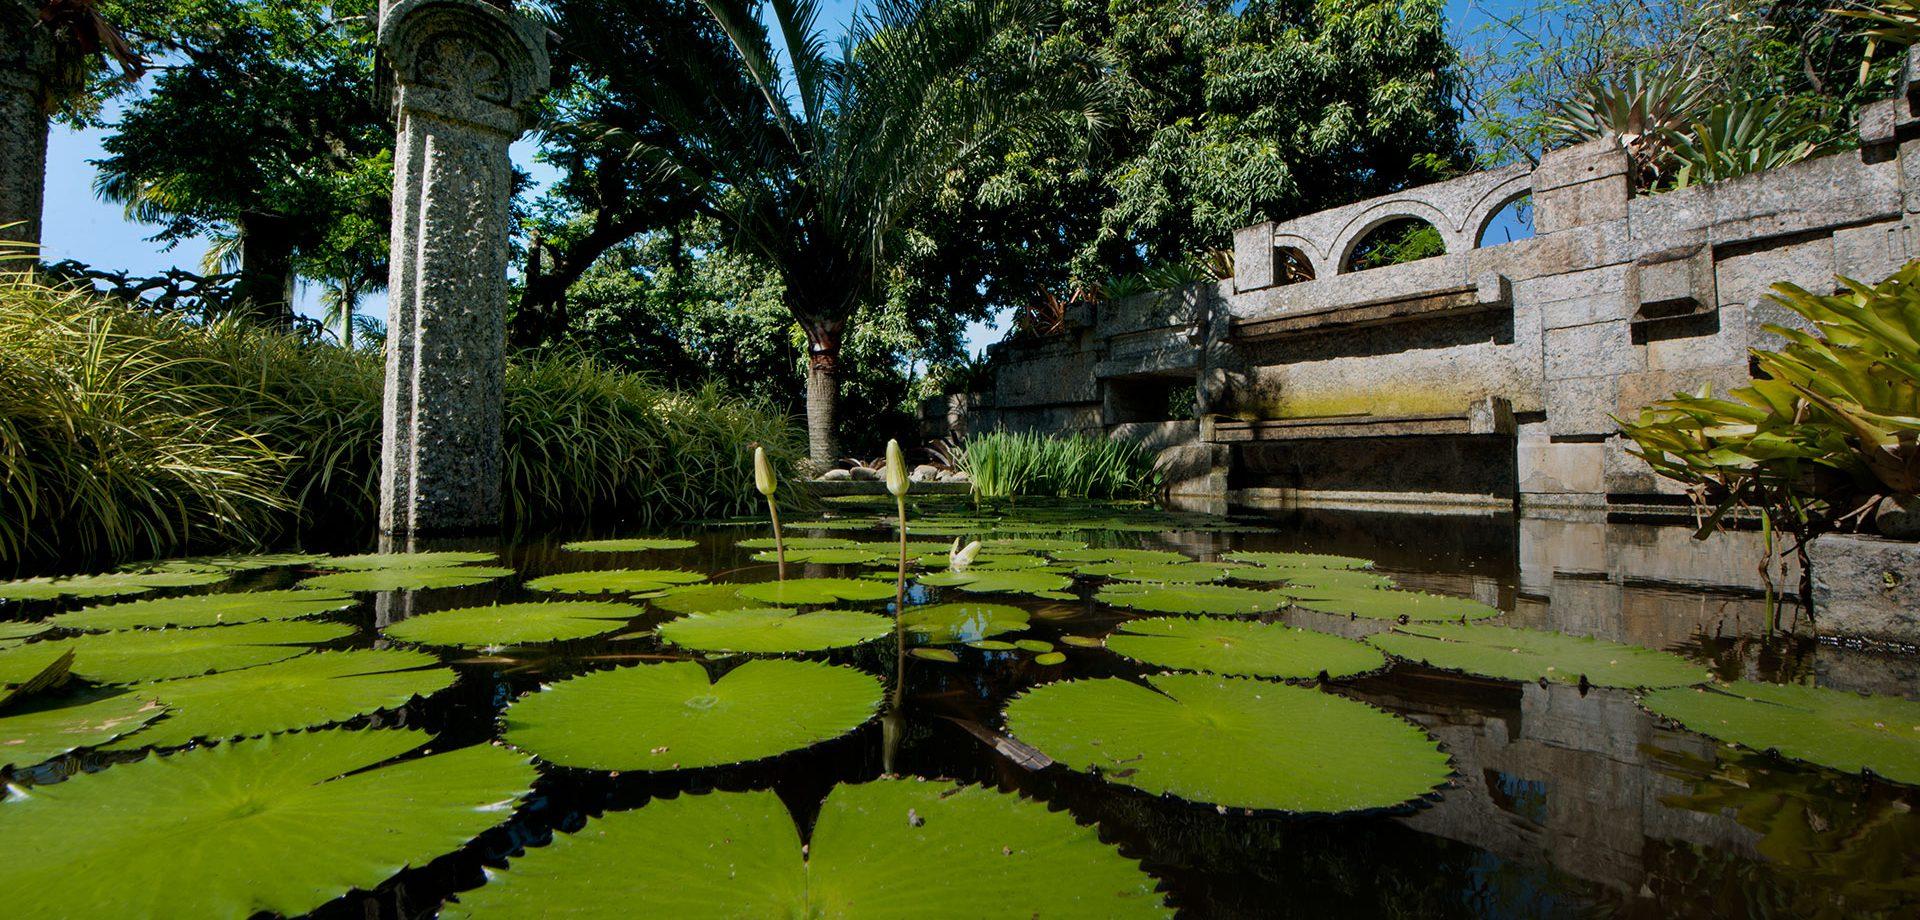 Sítio Roberto Burle Marx, giardino tropicale moderno a Rio de Janeiro #fotospettacolari